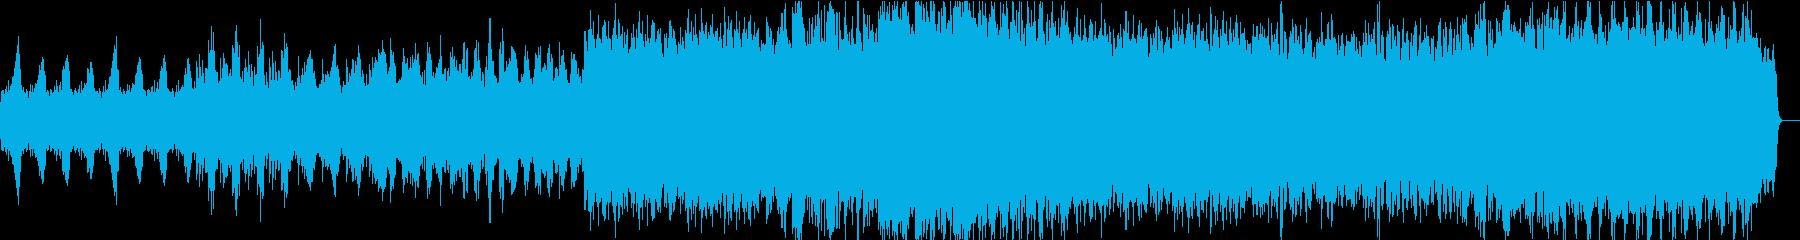 力強いダークファンタジー系BGMの再生済みの波形